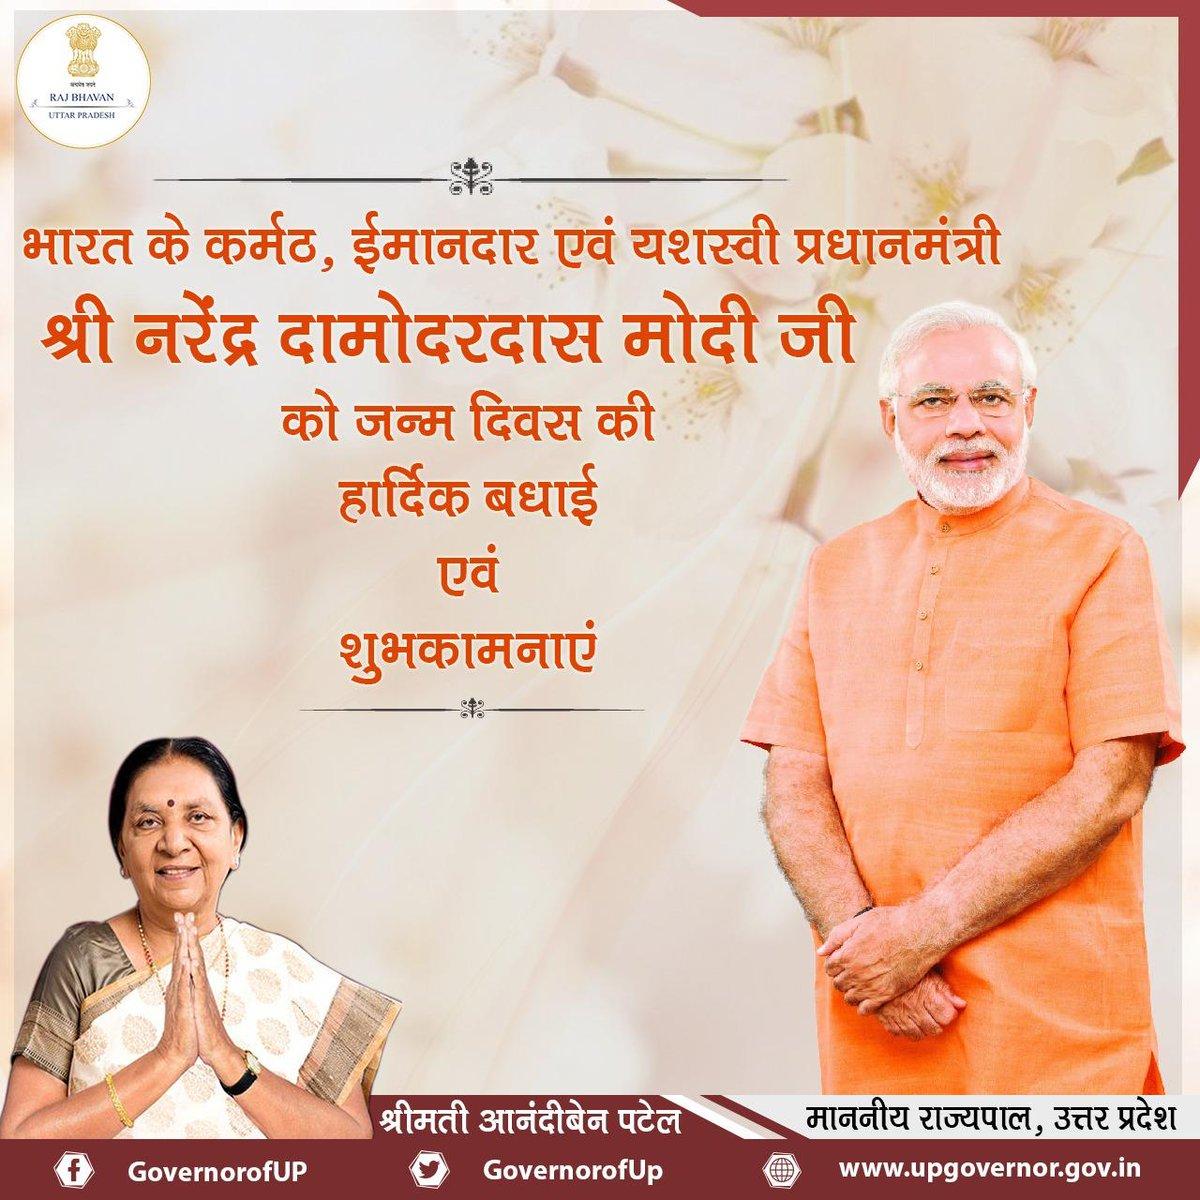 भारत के कर्मठ, ईमानदार एवं यशस्वी प्रधानमंत्रीश्री नरेन्द्रभाई दामोदरदास मोदीजी को जन्मदिवस की हार्दिक बधाई एवं शुभकामनाएँ.. @PMOIndia  @narendramodi  @narendramodi_in  #HappyBirthdayPMModi #HappyBdayNaMo #happybirthdaymodiji #HappyBdayPMModi https://t.co/K73mZ62NzE